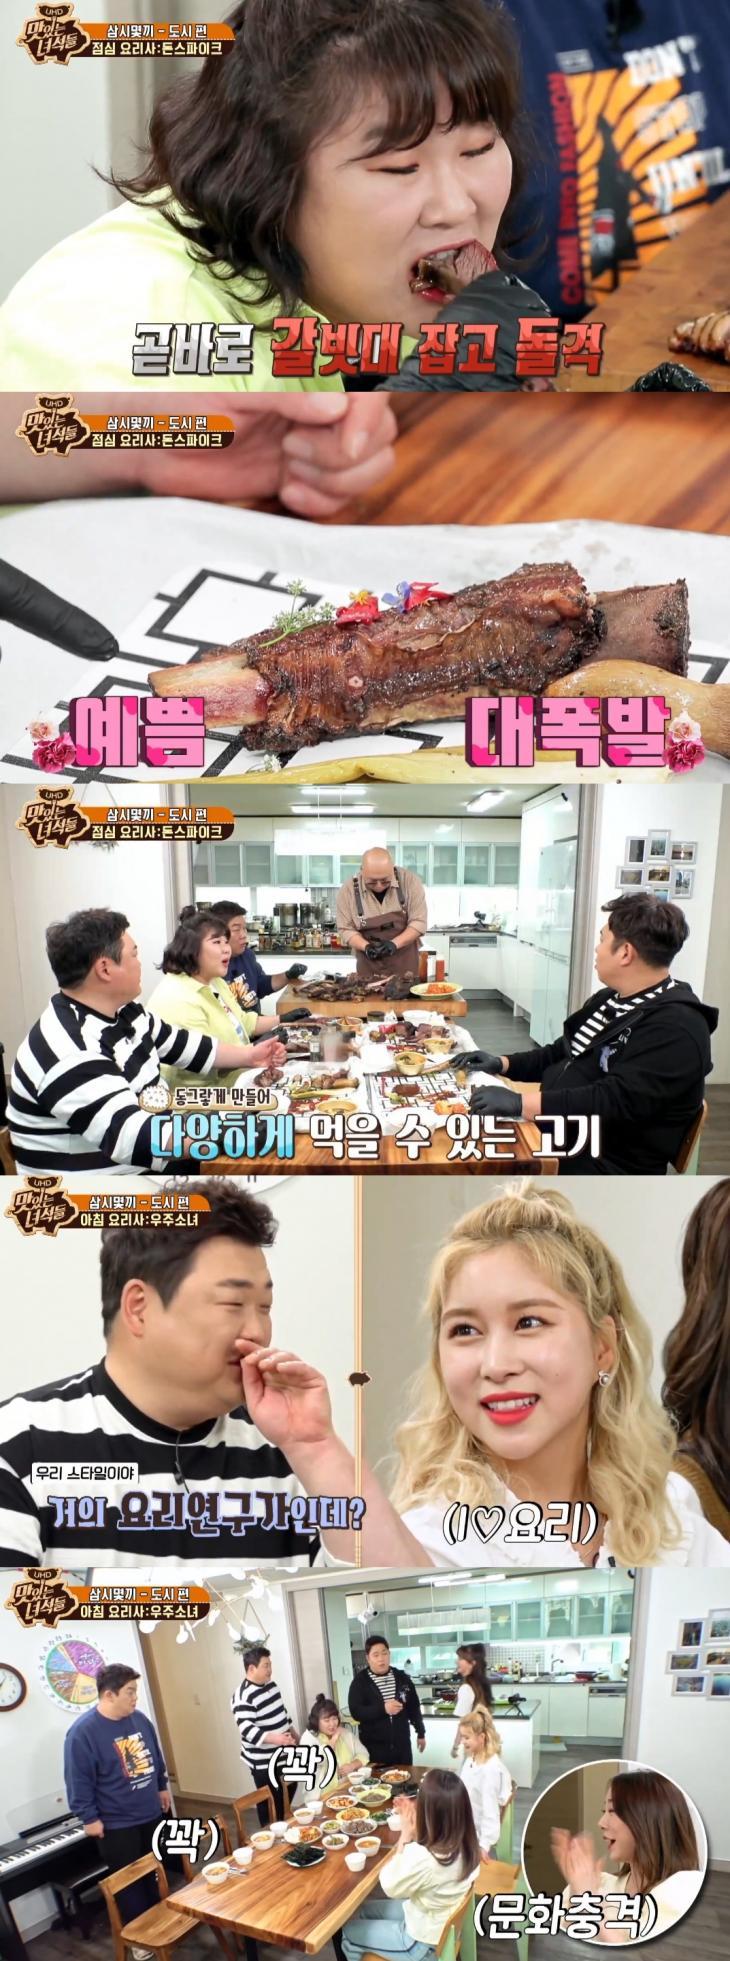 코미디TV 예능프로그램 '맛있는 녀석들'